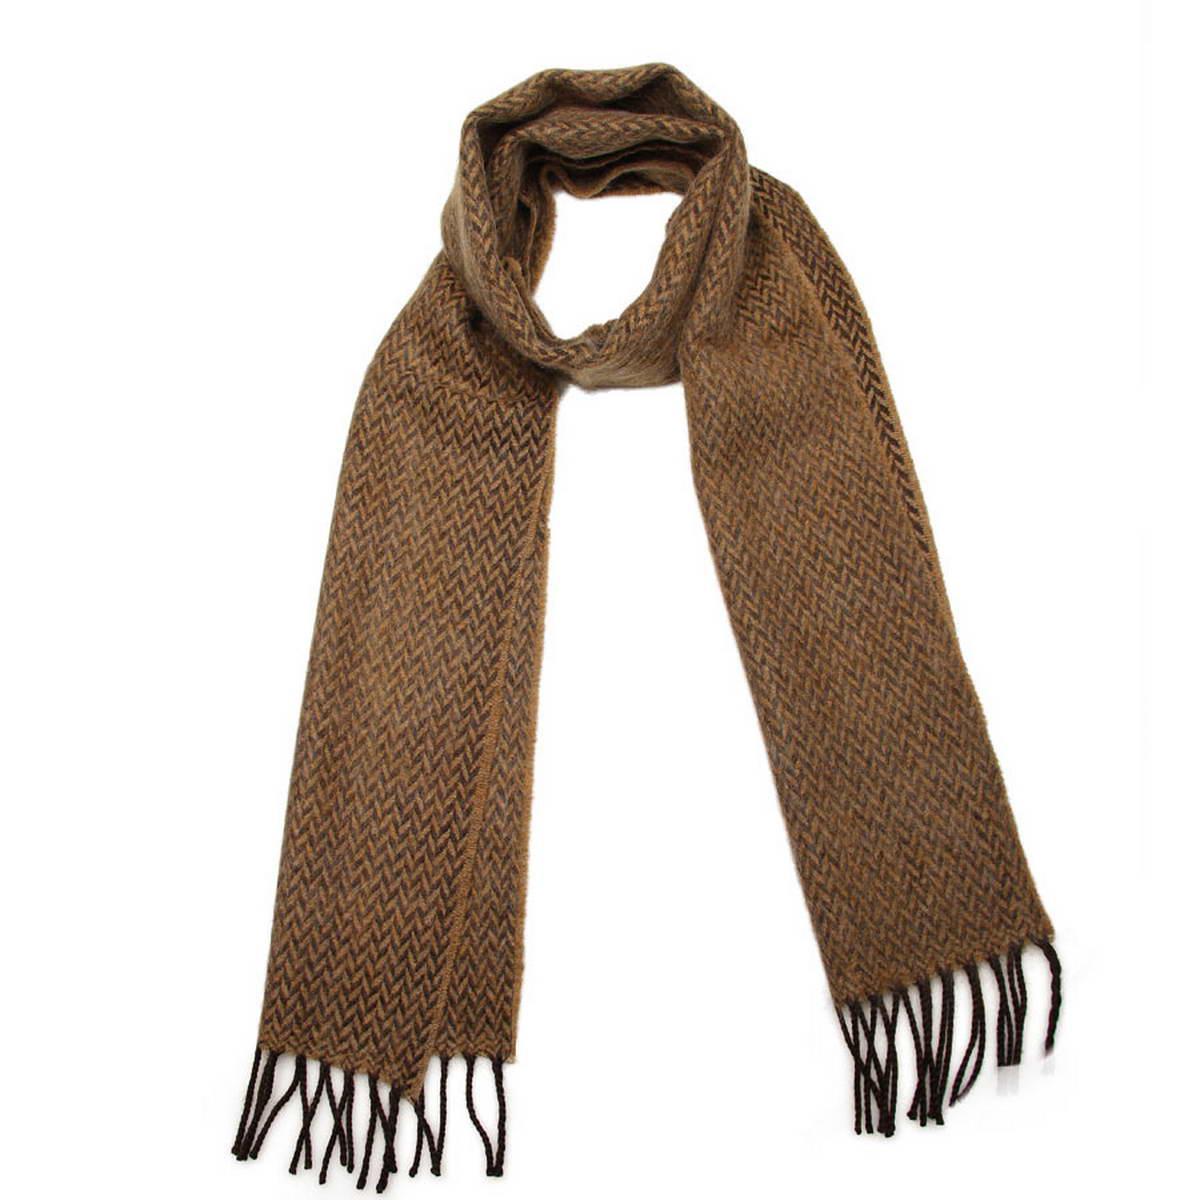 5003232-20Элегантный мужской шарф Venera согреет вас в холодное время года, а также станет изысканным аксессуаром, который призван подчеркнуть ваш стиль и индивидуальность. Оригинальный теплый шарф выполнен из высококачественной пряжи из шерсти и акрила. Шарф оформлен строгим геометрическим узором зигзаг и дополнен жгутиками по краю. Такой шарф станет превосходным дополнением к любому наряду, защитит вас от ветра и холода и позволит вам создать свой неповторимый стиль.